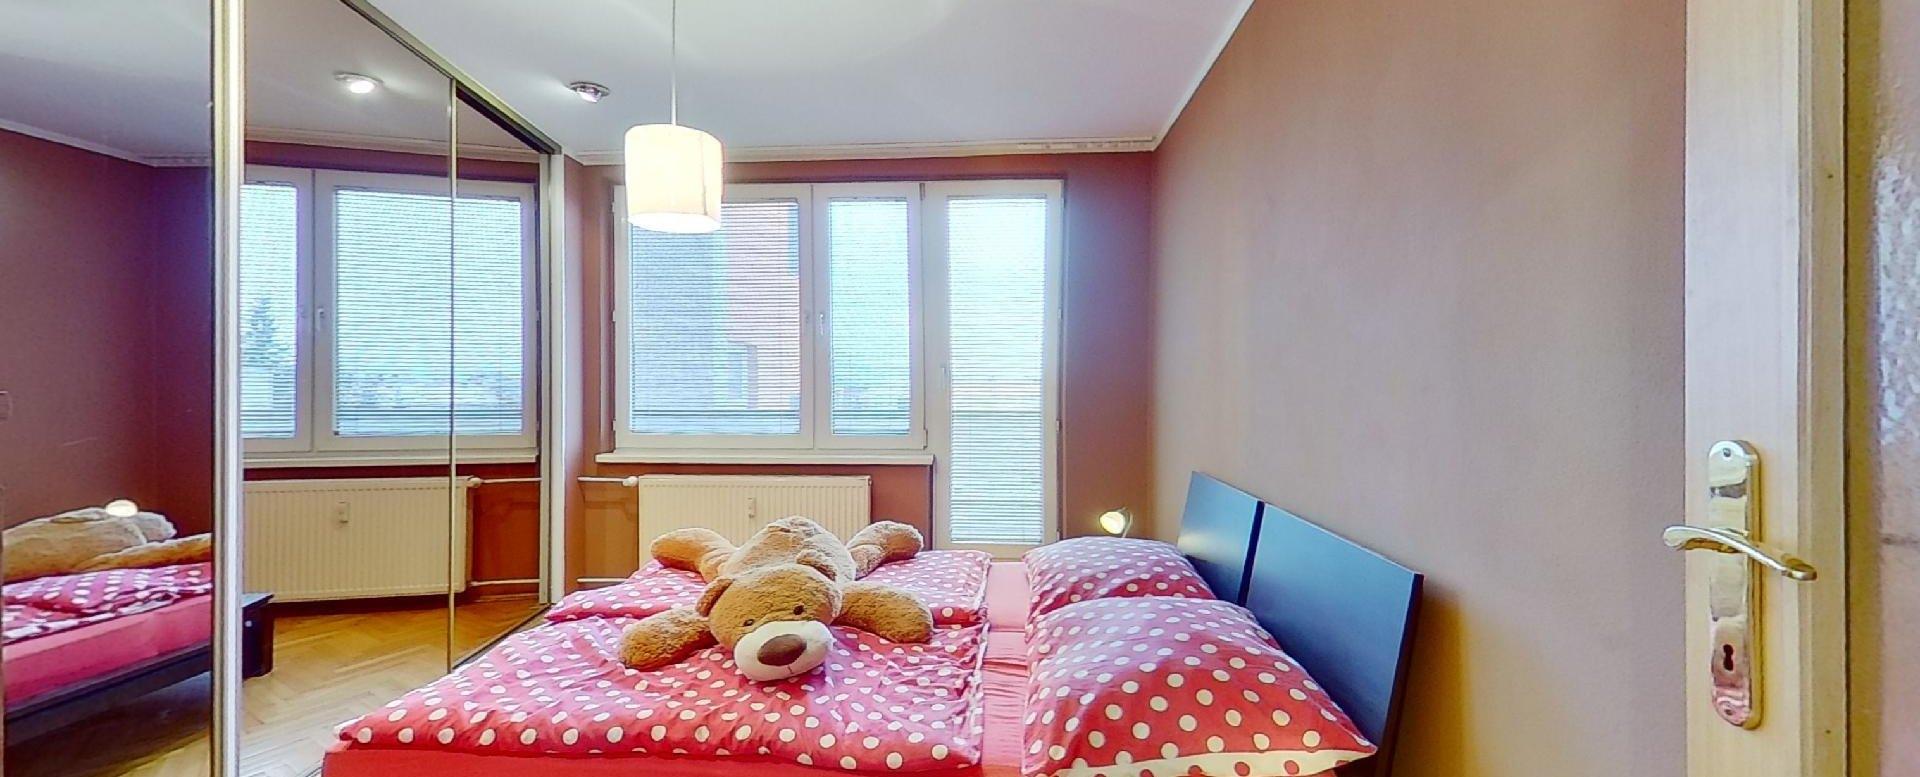 pohľad na manželskú posteľ, vstavanú skriňu a lodžiu v spálni